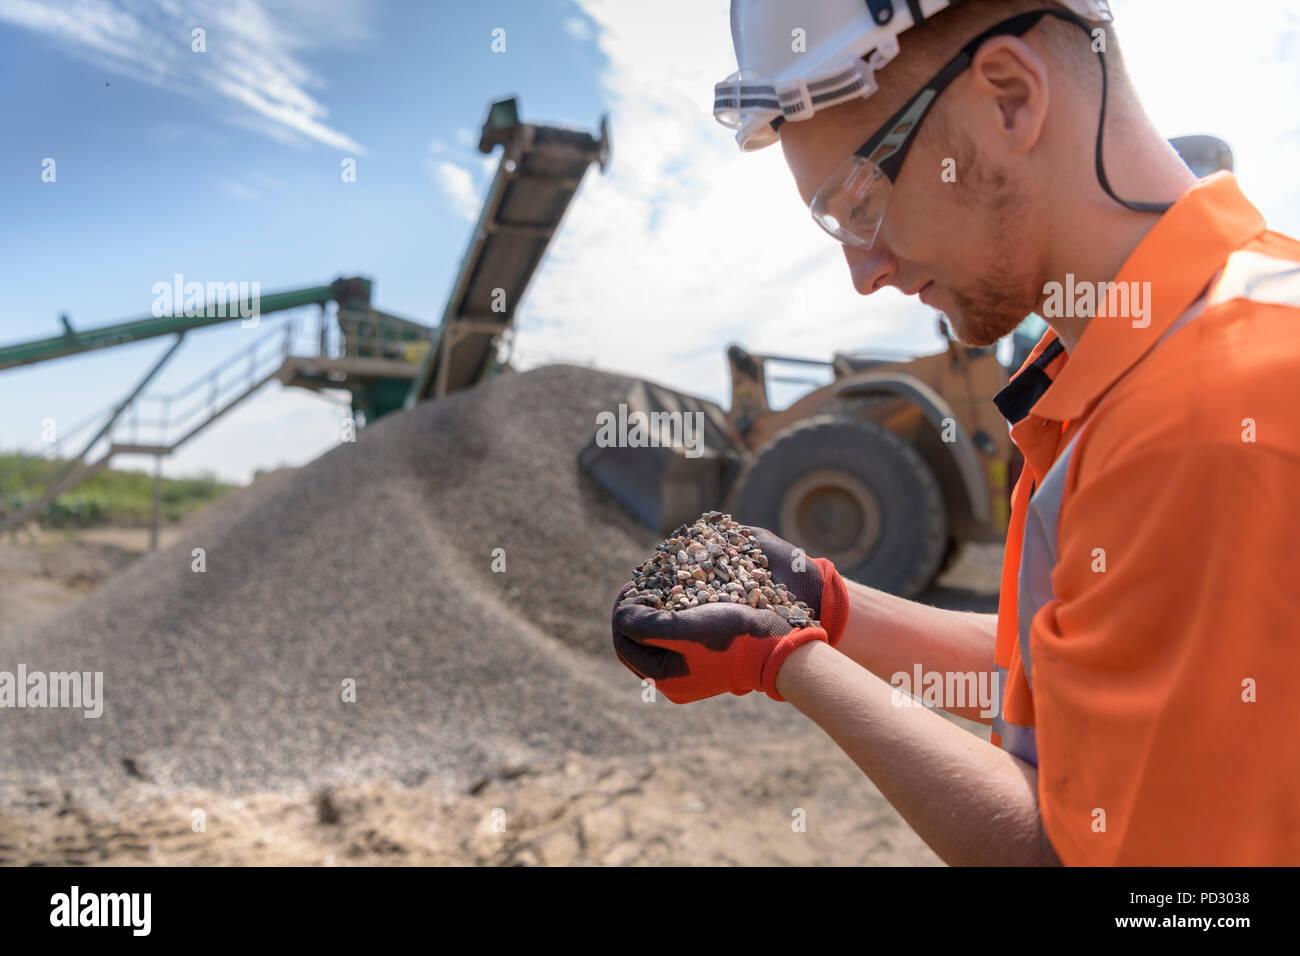 Controllo lavoratore manciata di calcestruzzo schermato in calcestruzzo sito di riciclaggio Immagini Stock